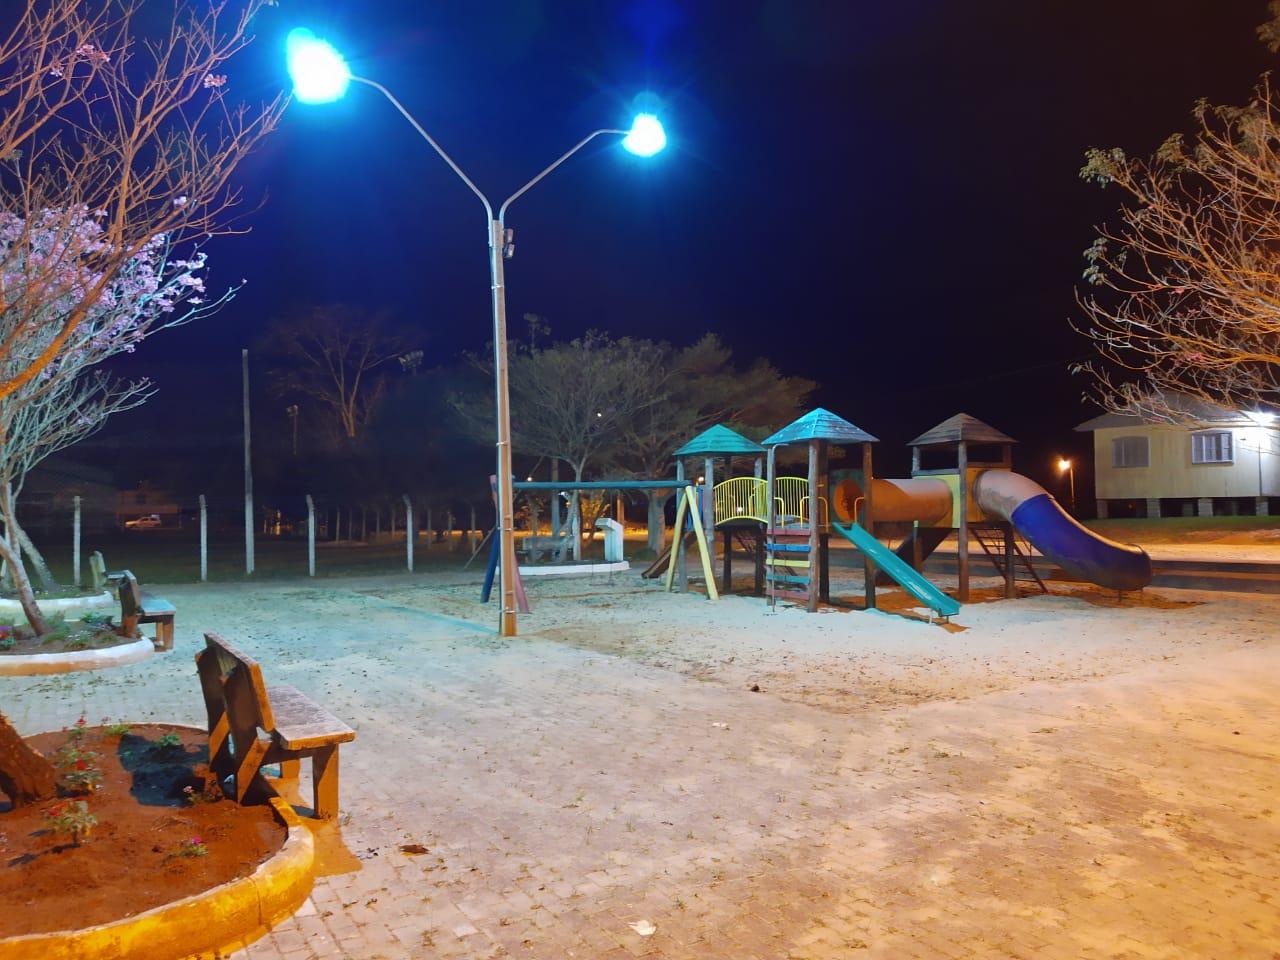 Praças recebem reforço na iluminação em Forquilhinha